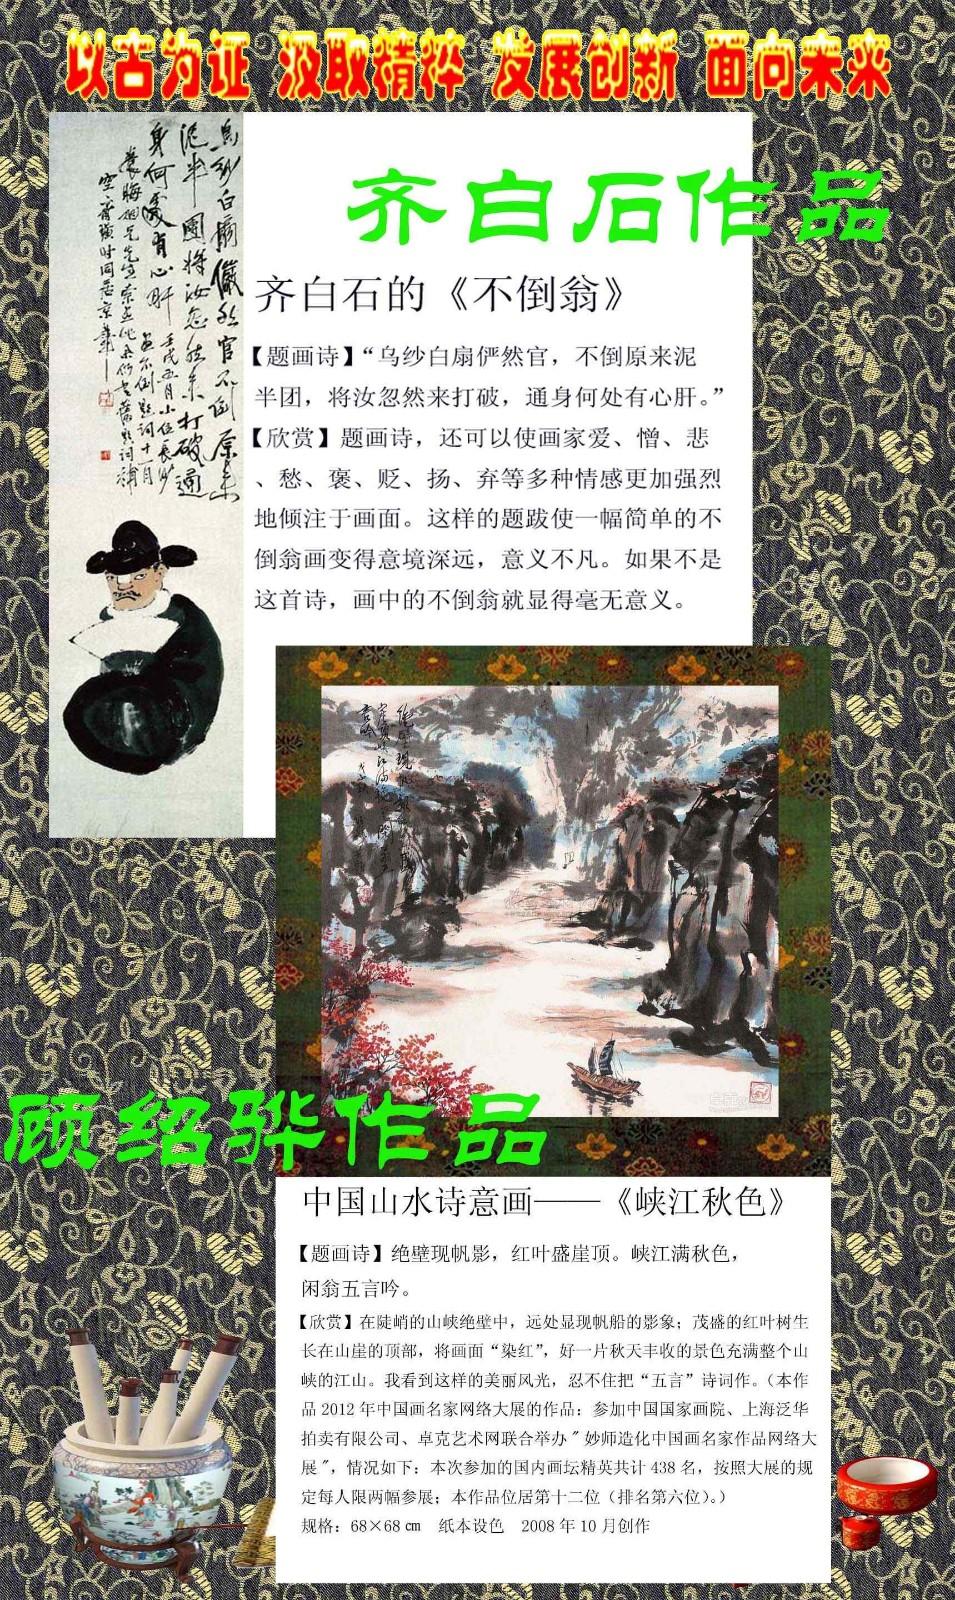 和而不同是常态 中华文明耀世界_图1-13